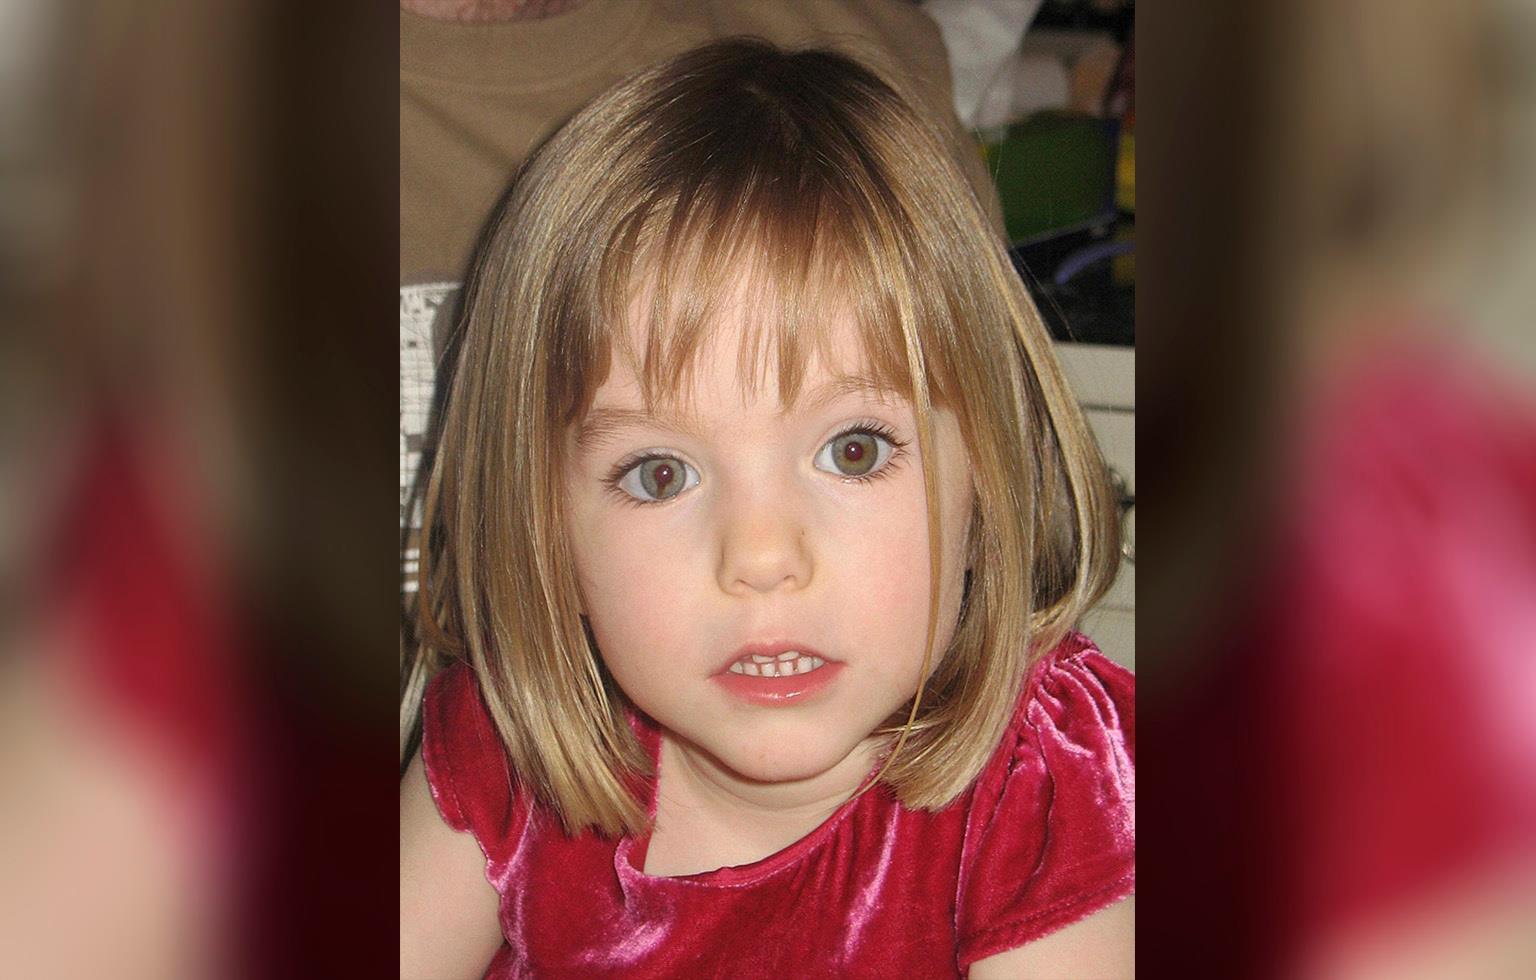 بعد 14 سنة.. ظهور أدلة جديدة في قضية اختفاء الطفلة مادلين ماكين